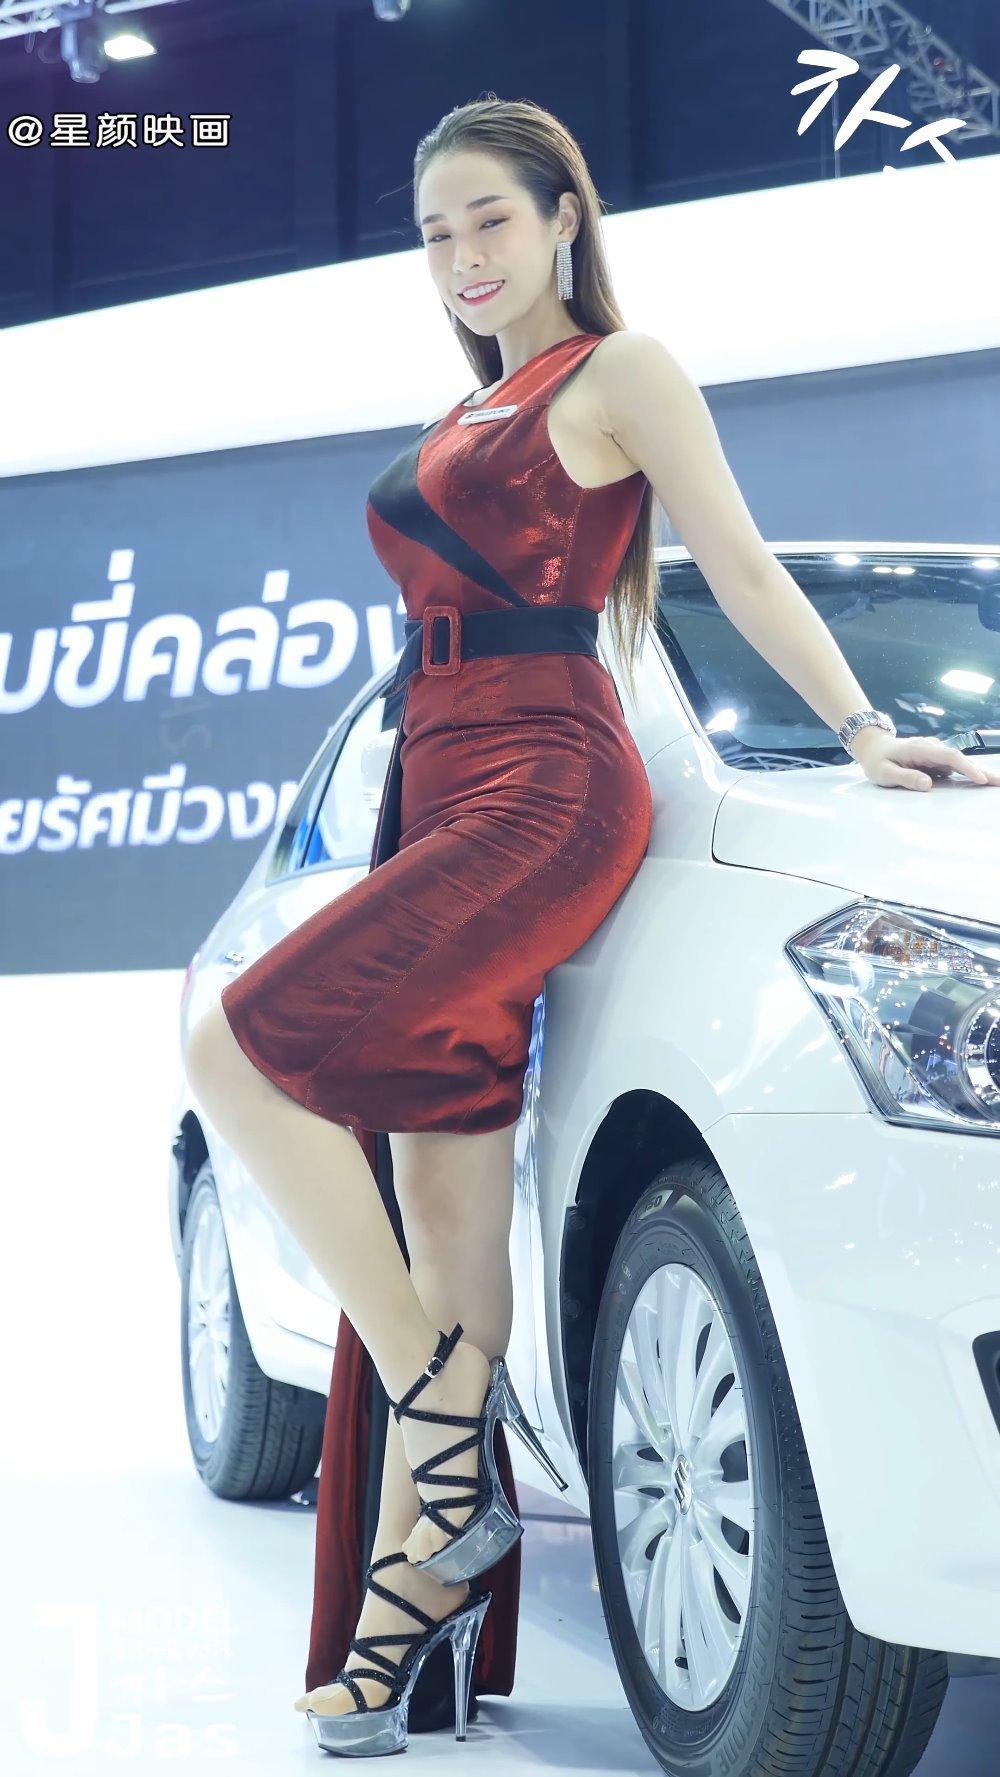 2019泰国车展现场,车模小姐姐头发往后梳,颜值高,好看又帅气